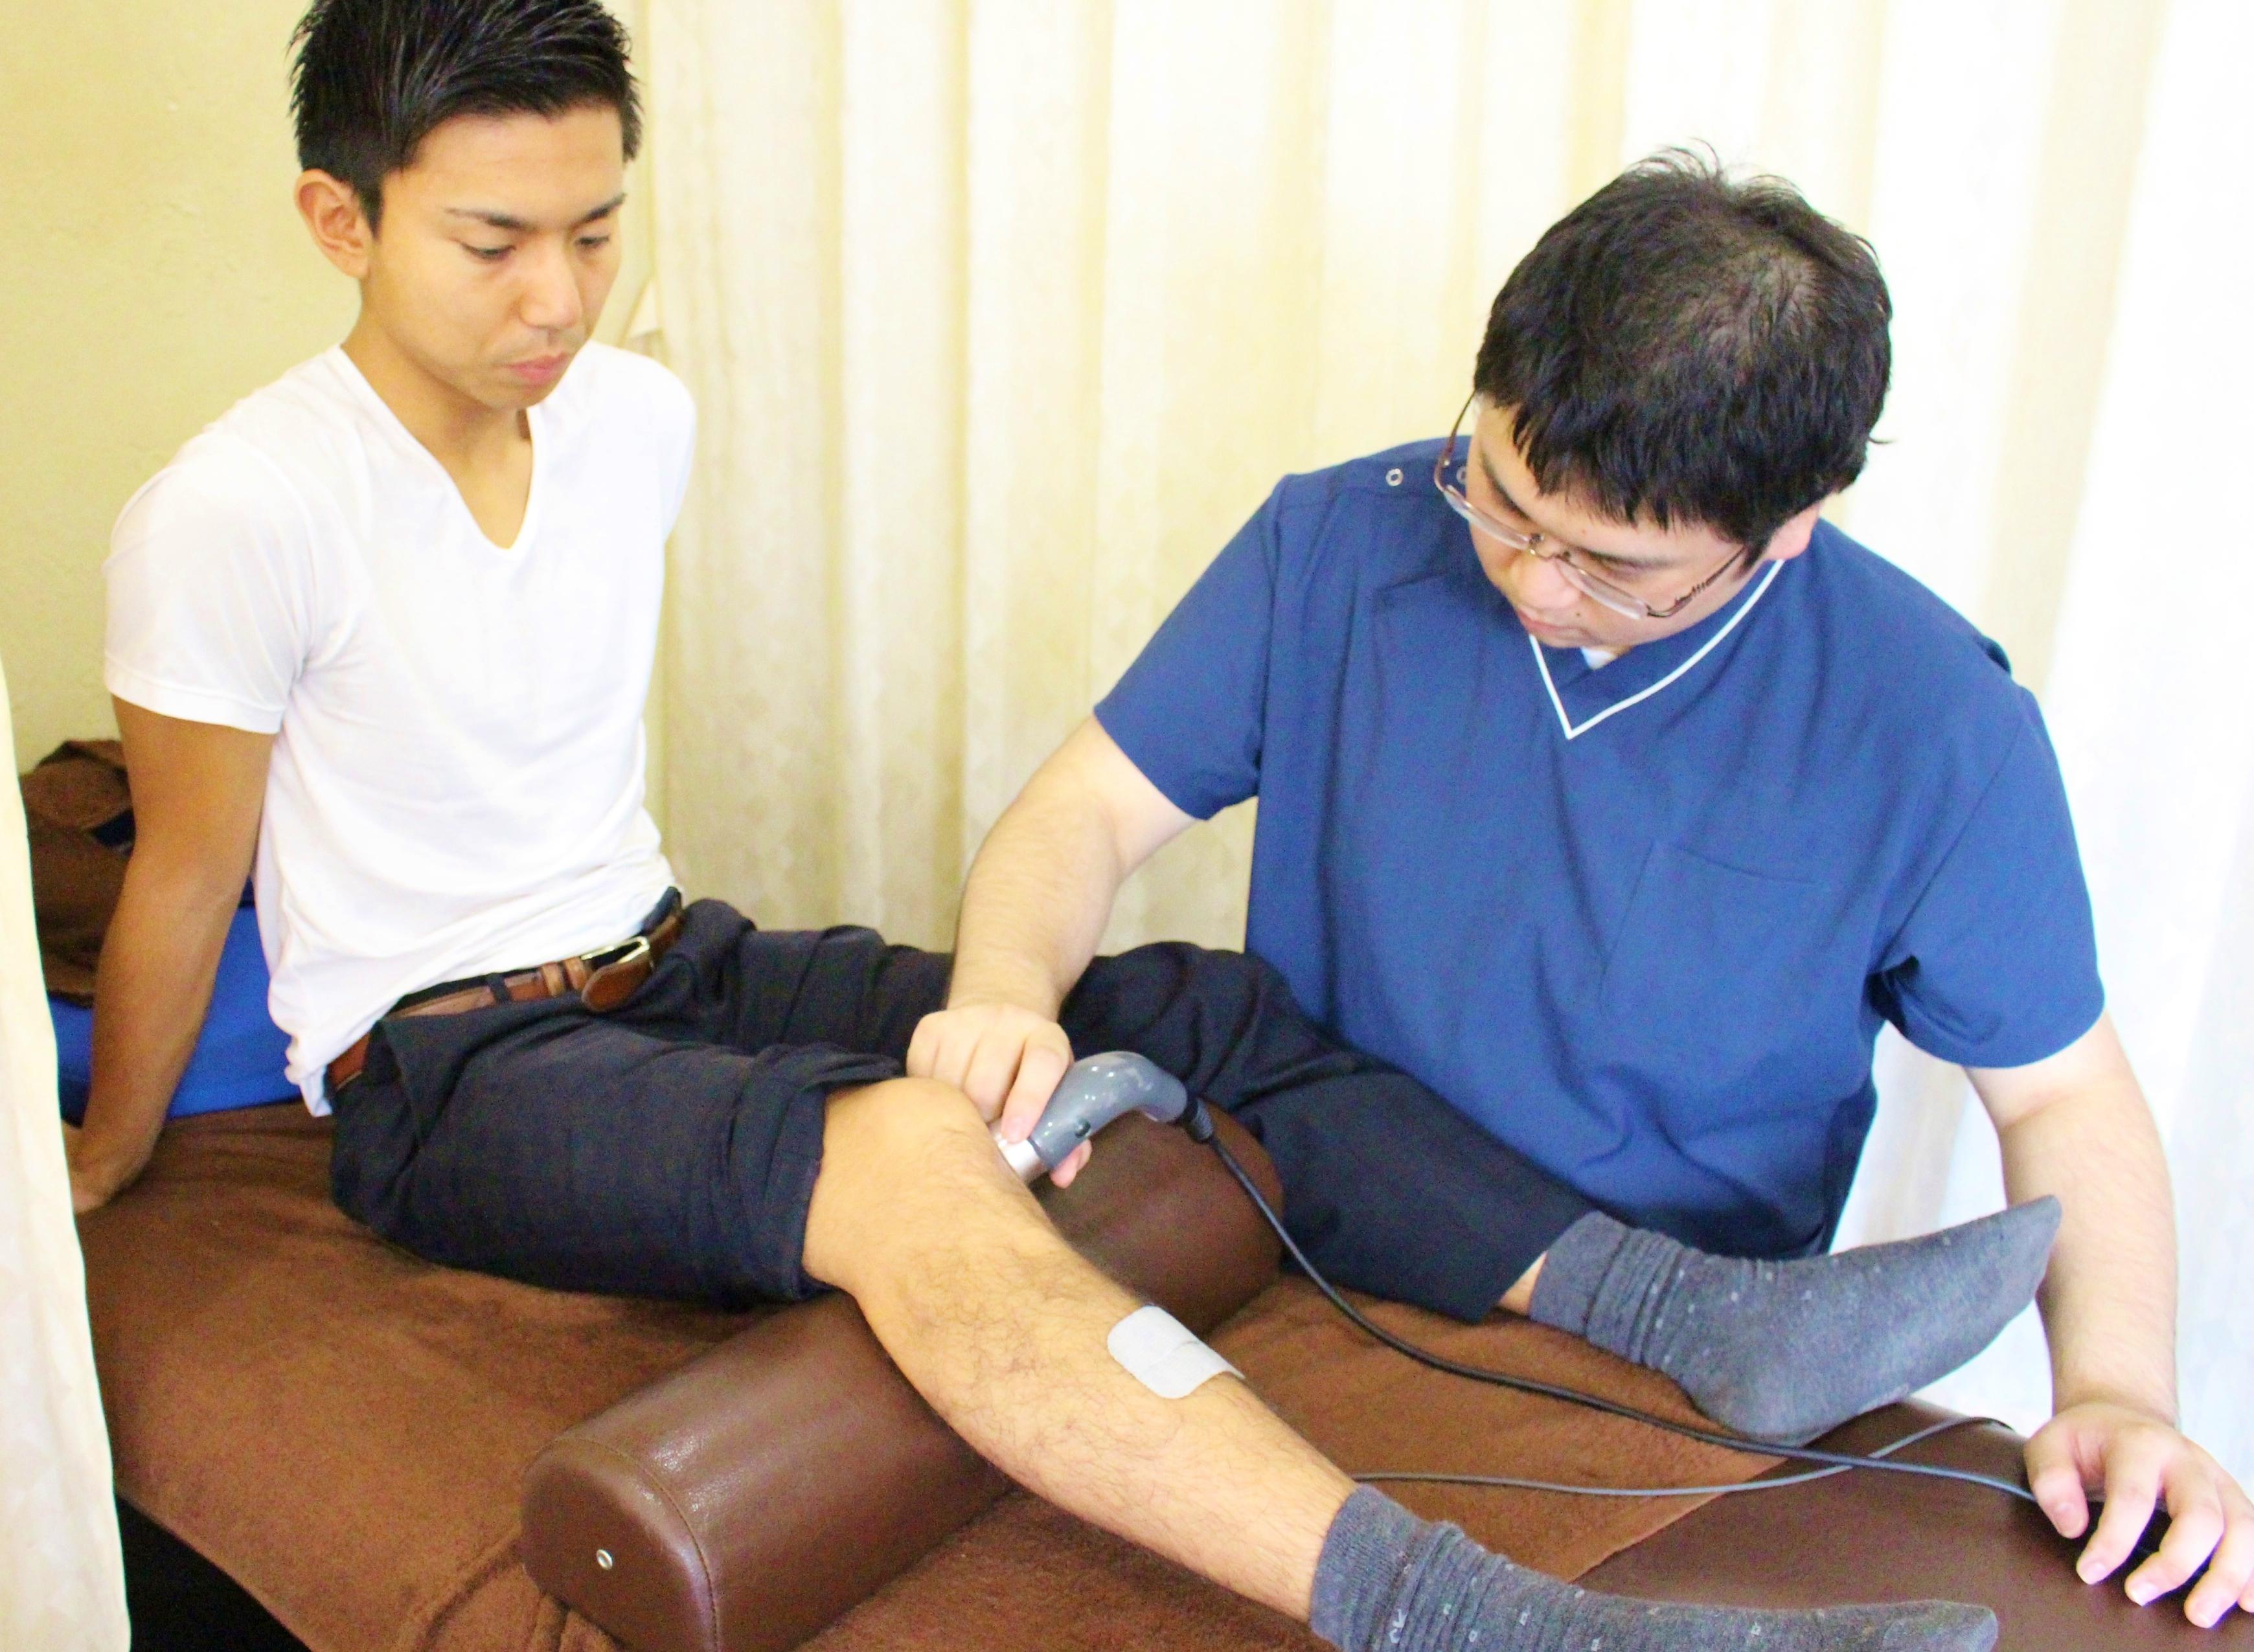 手技療法と電気治療を組み合わせた「コンビネーション治療」をぜひお試しください!